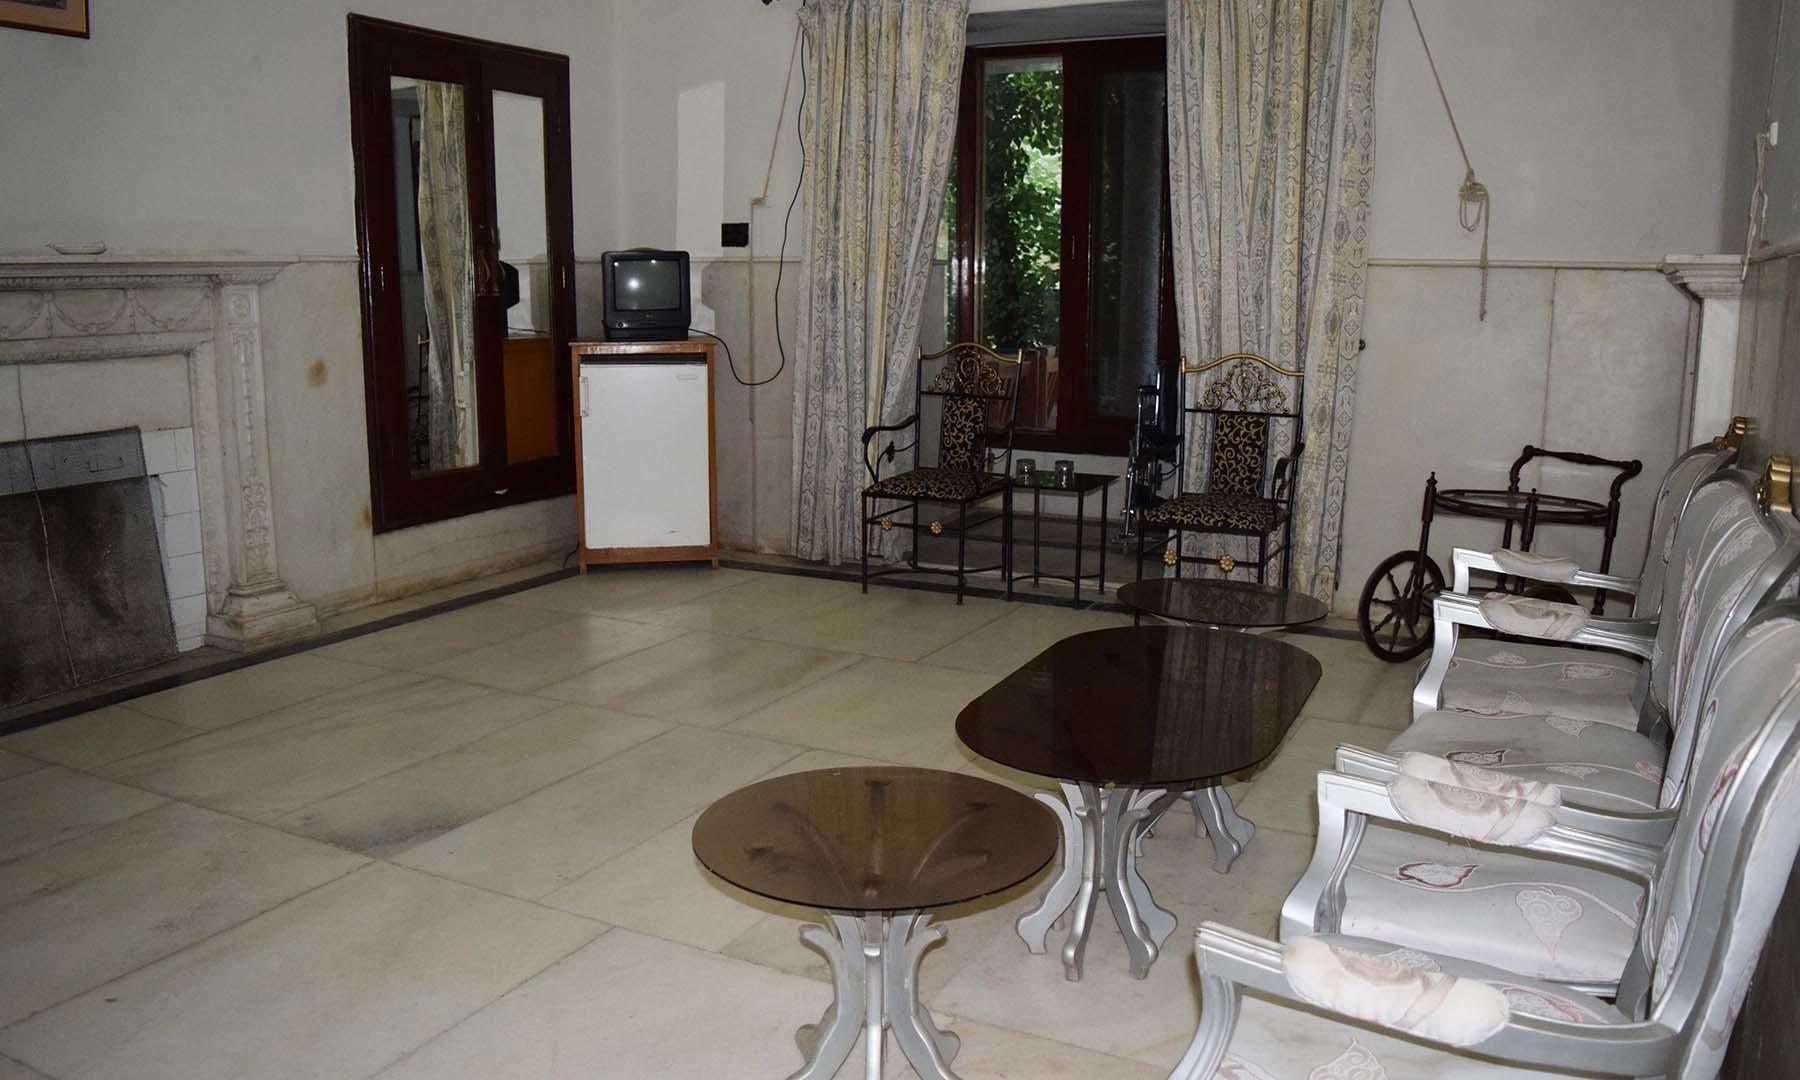 بادشاہ صاحب کے بیڈ روم کے متصل ان کے خاص مہمانوں کے لیے مخصوص شدہ کمرہ۔